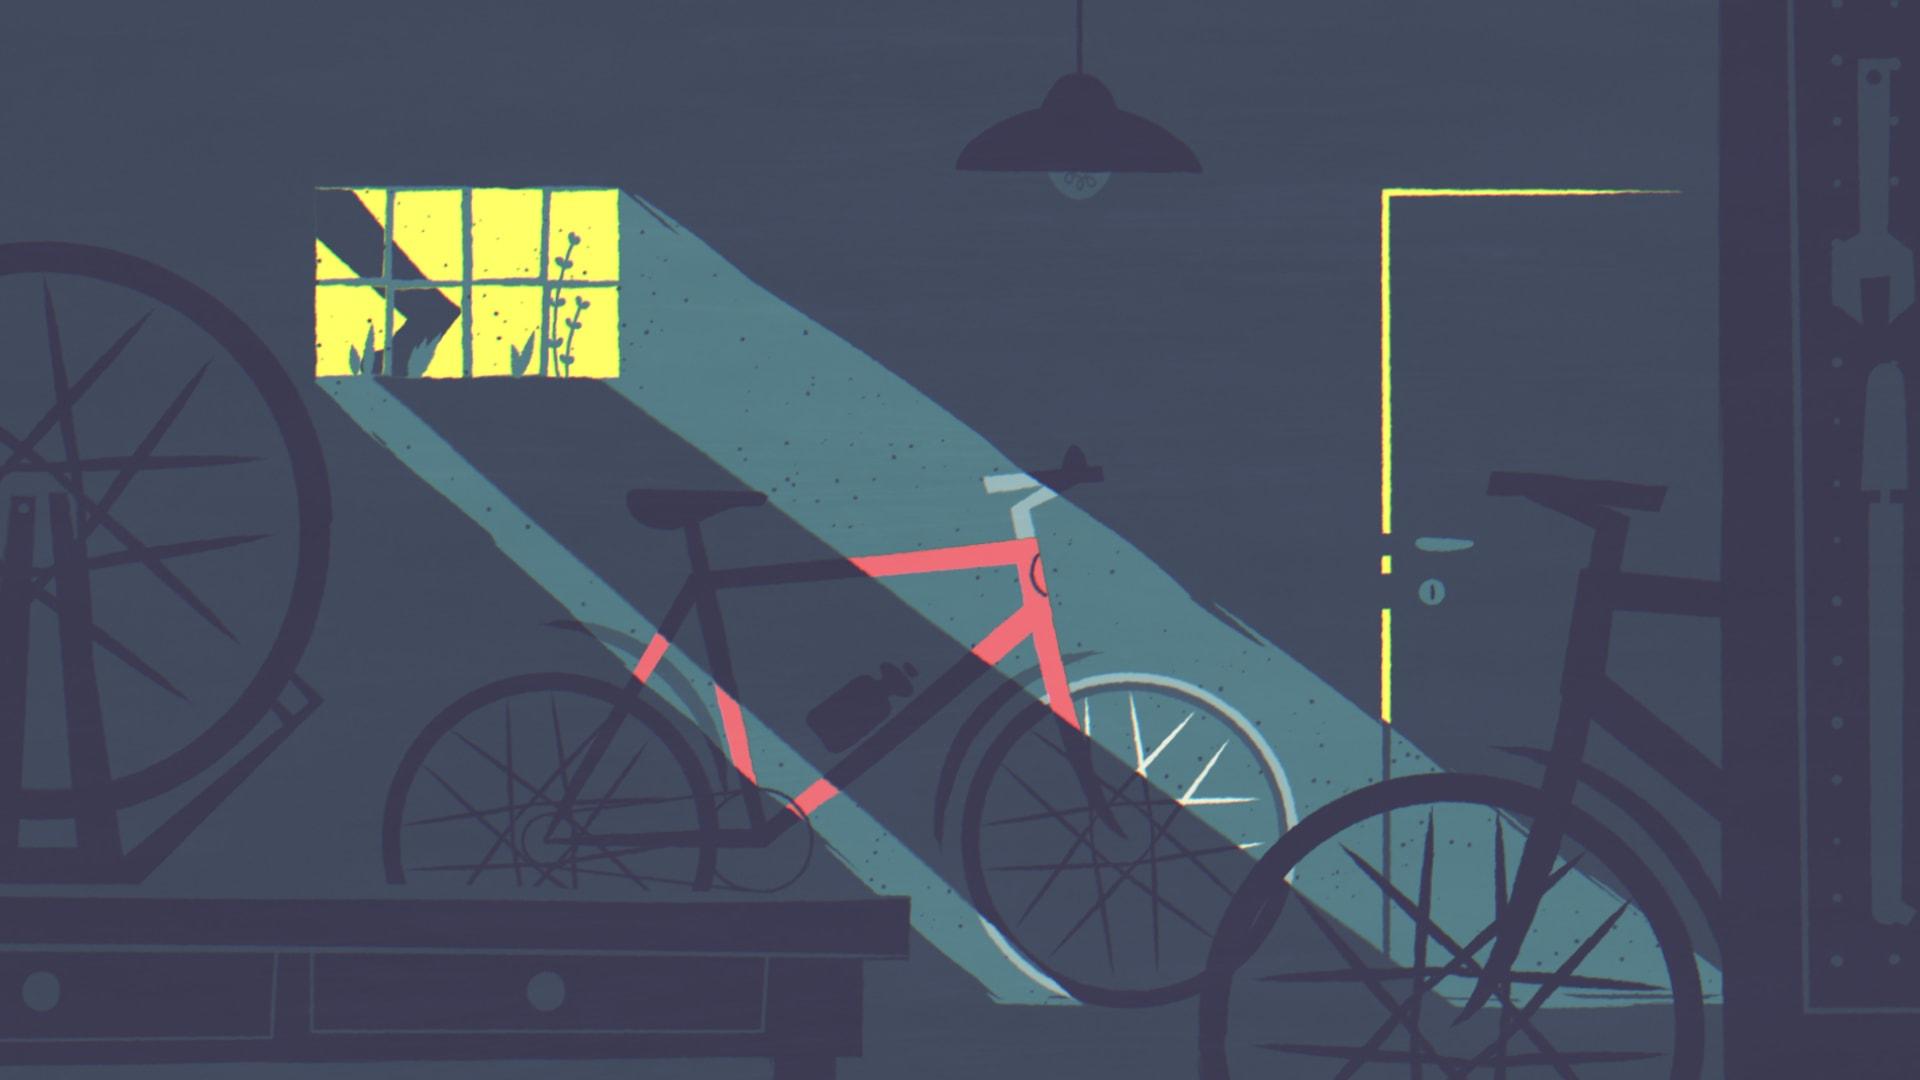 Cykelvänlig arbetsplats Illustration